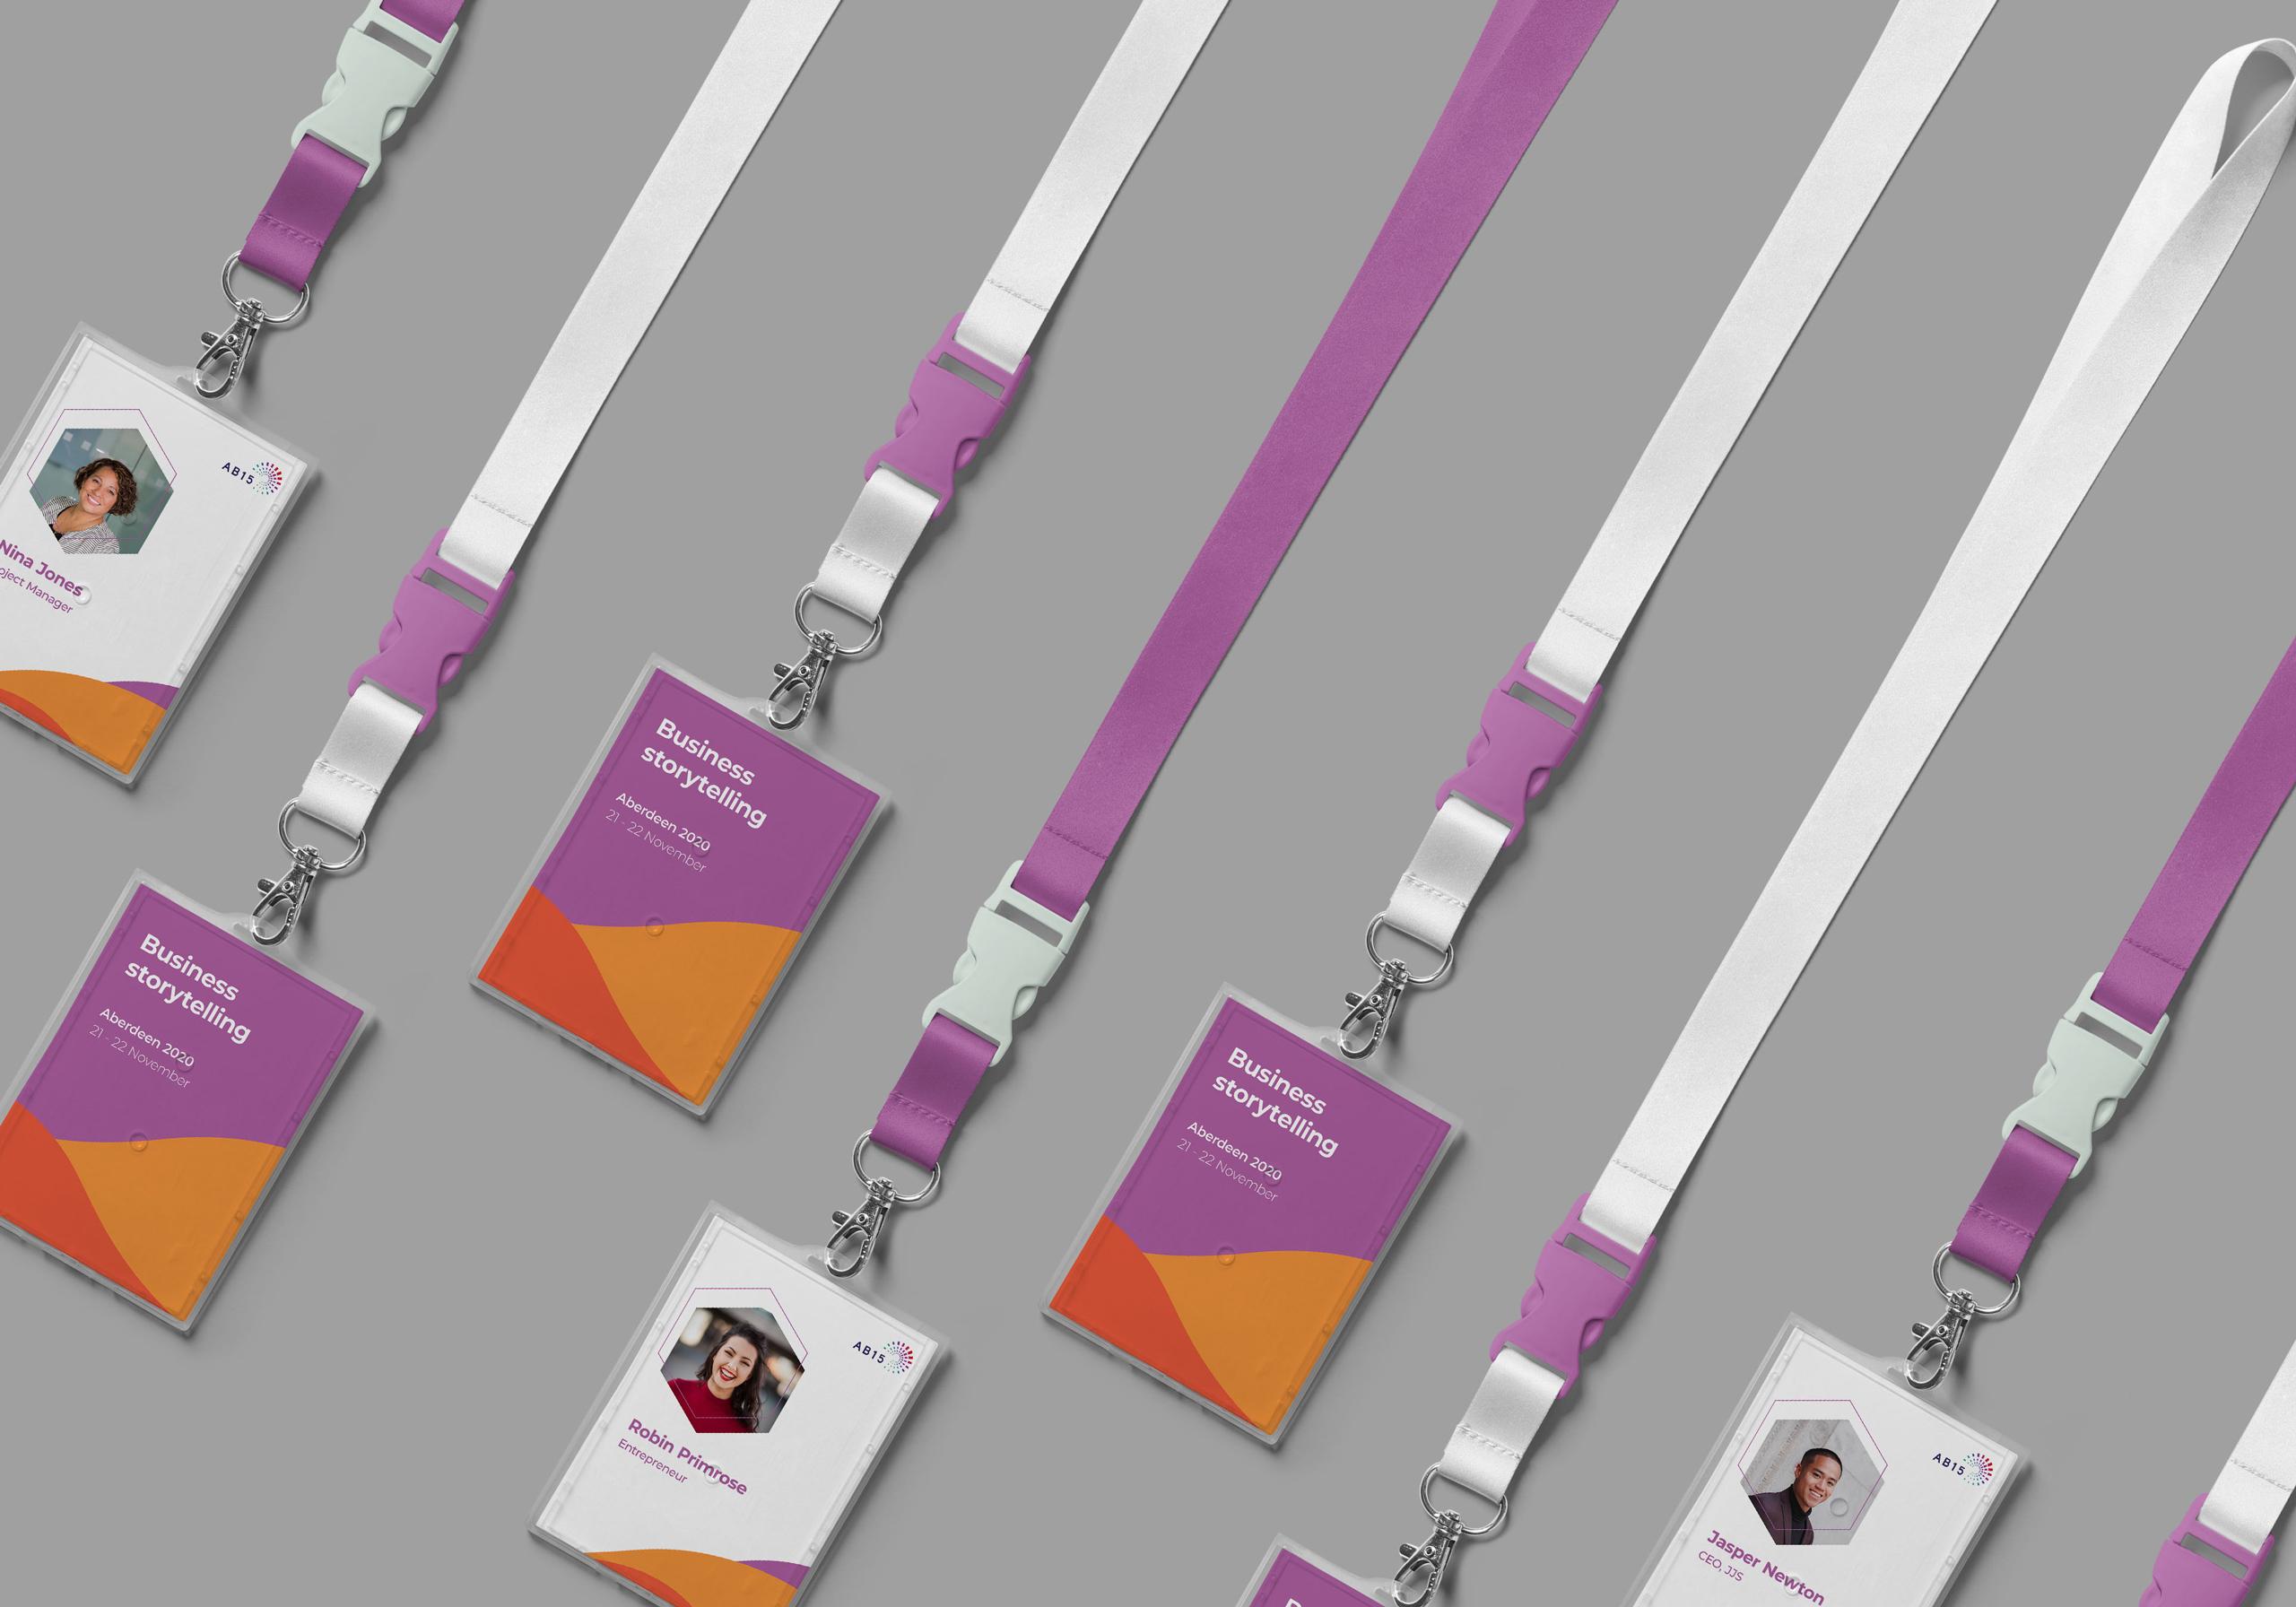 AB15 event design